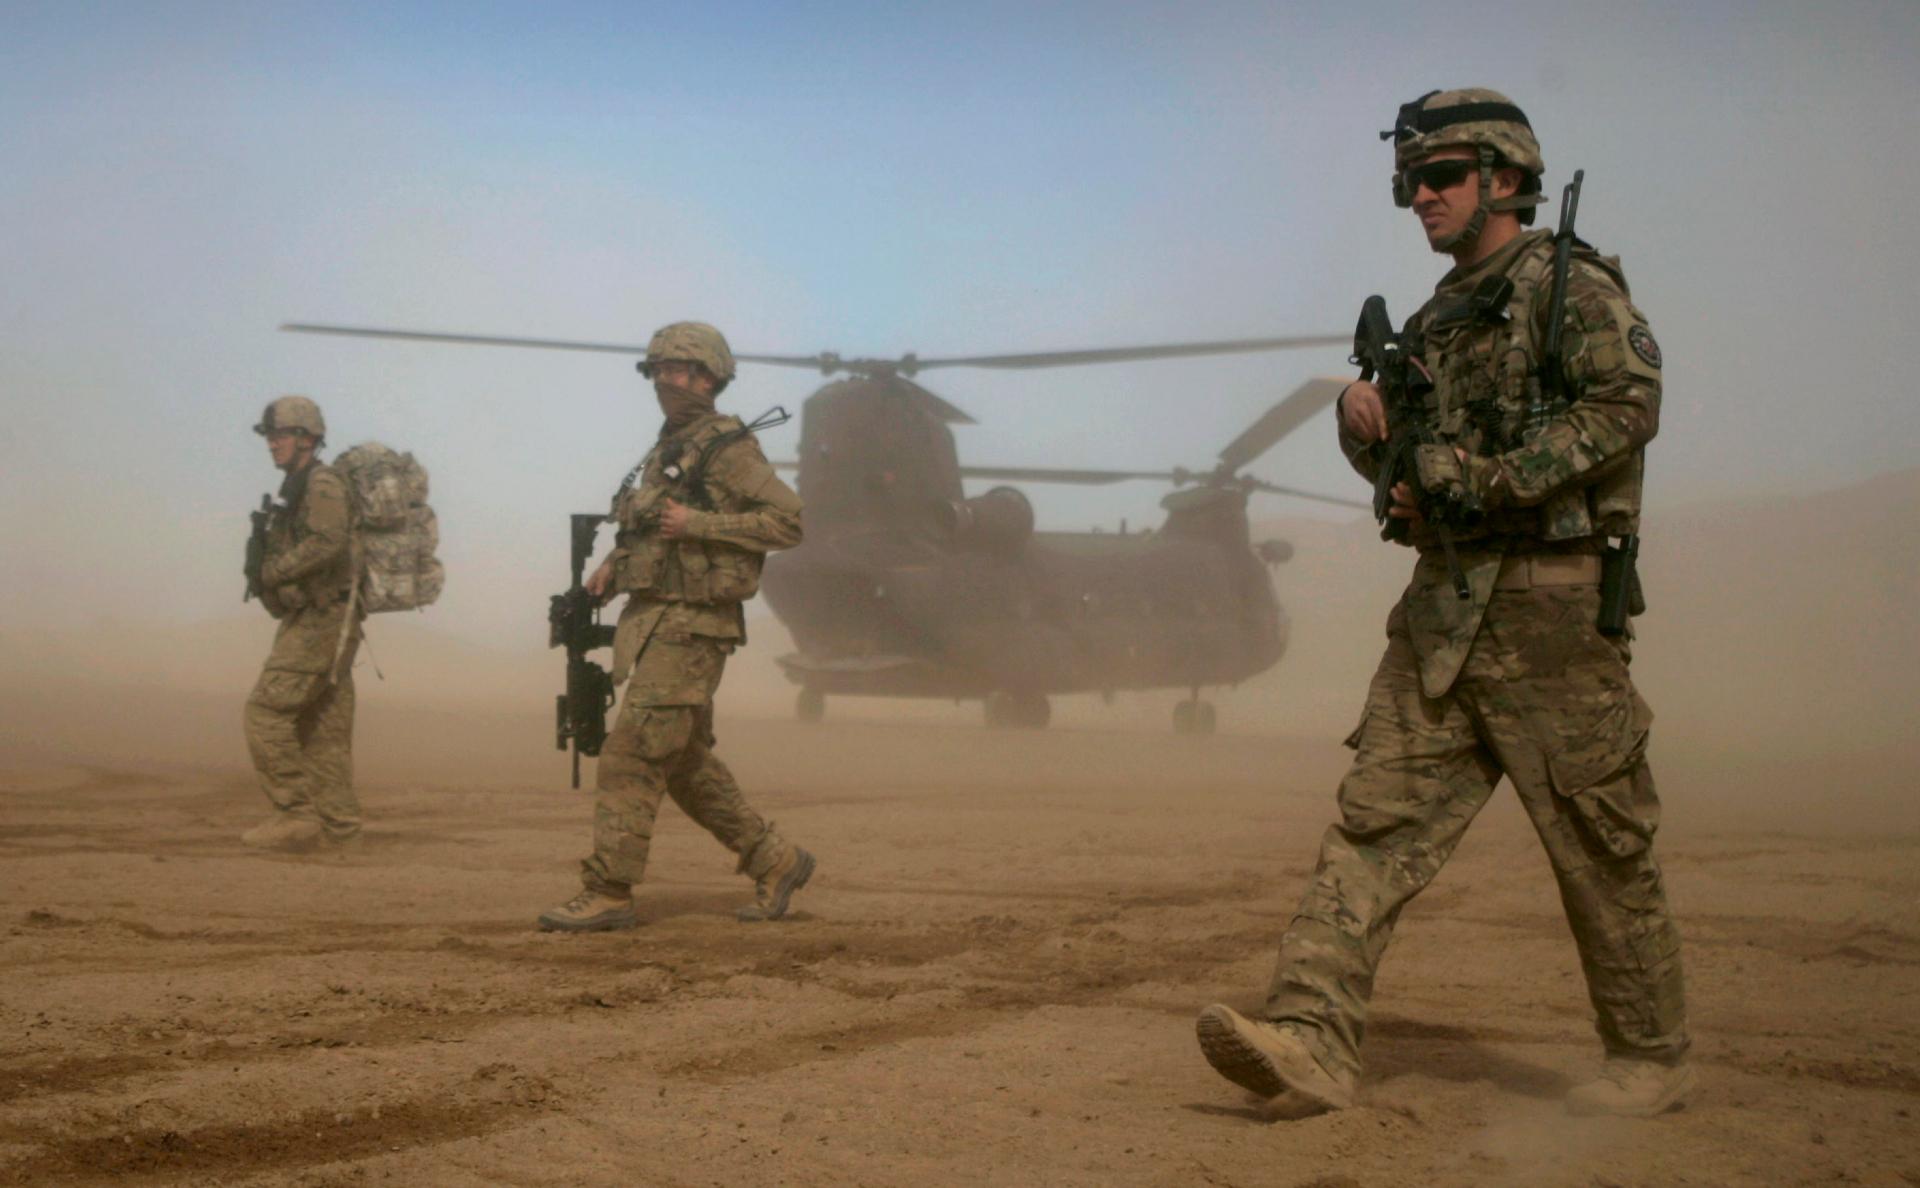 СМИ узнали о боевой готовности войск США на Ближнем Востоке